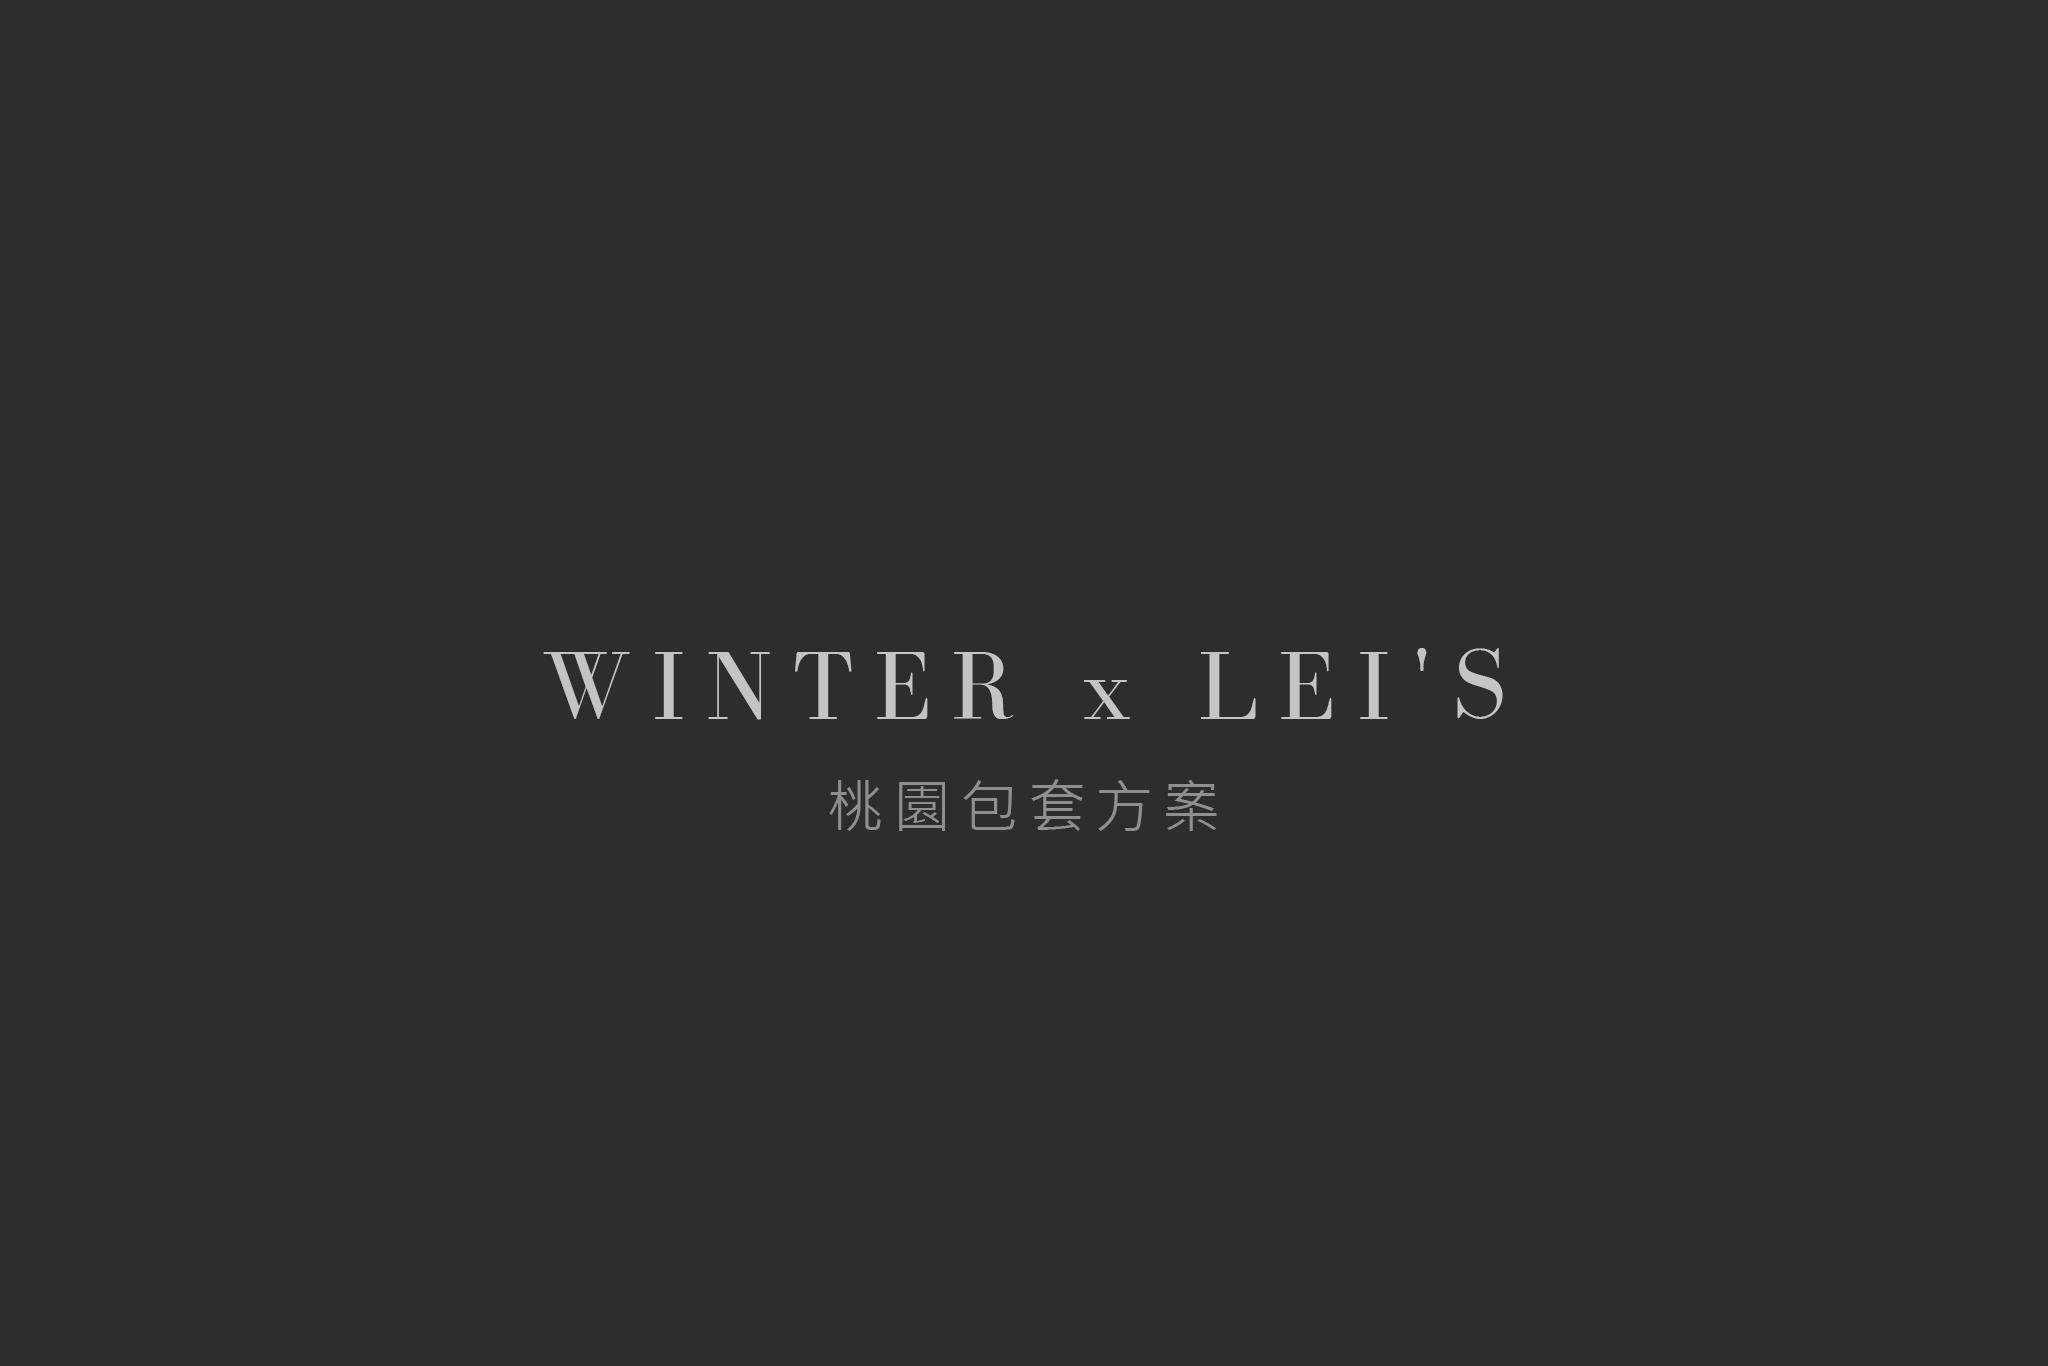 桃園|WINTER x  Lei's 包套方案